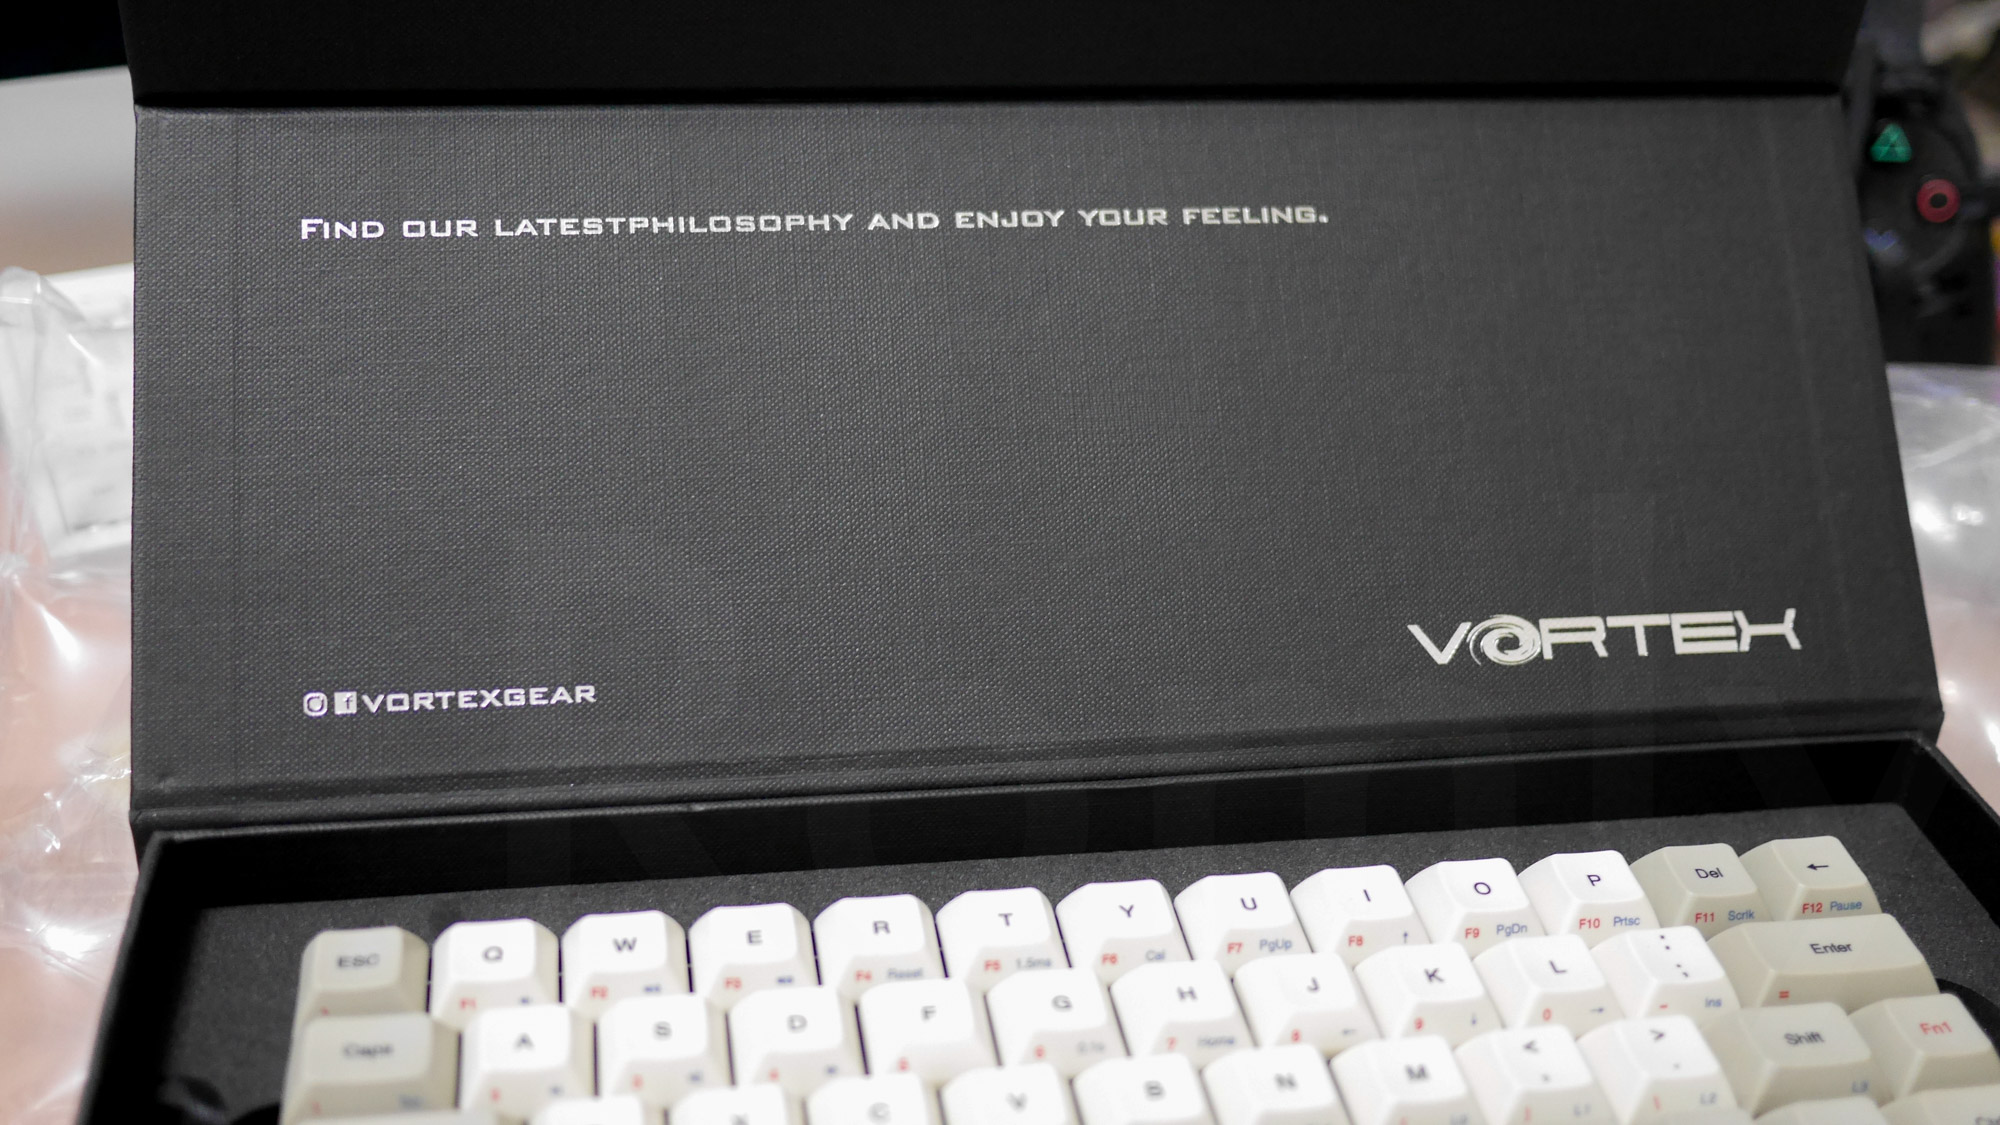 Vortex Core: Inside box